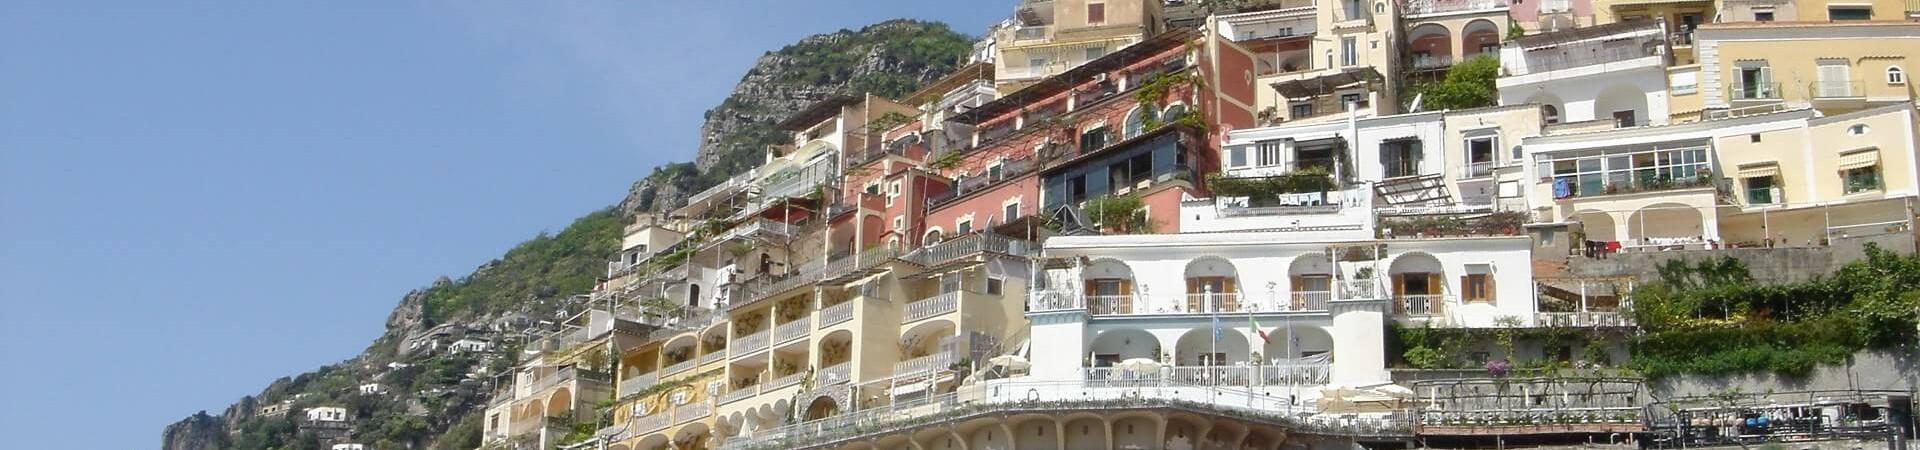 Positano na Wybrzeżu Amalfii we Wloszech